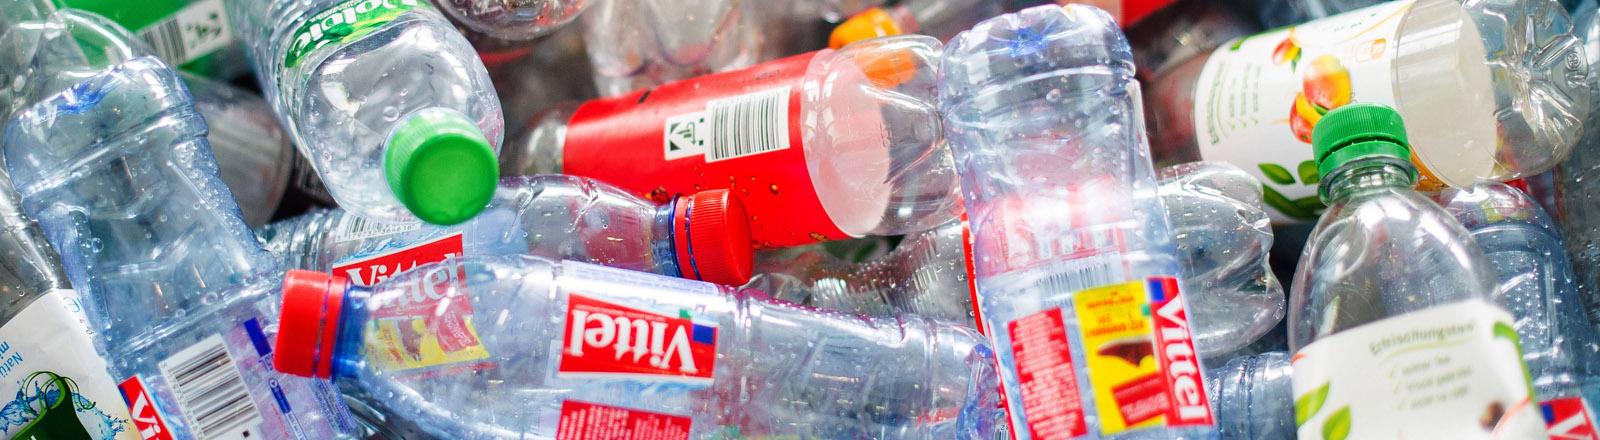 Leere Flaschen aus Plastik liegen am 01.09.2015 in Hamburg in einer Kiste.